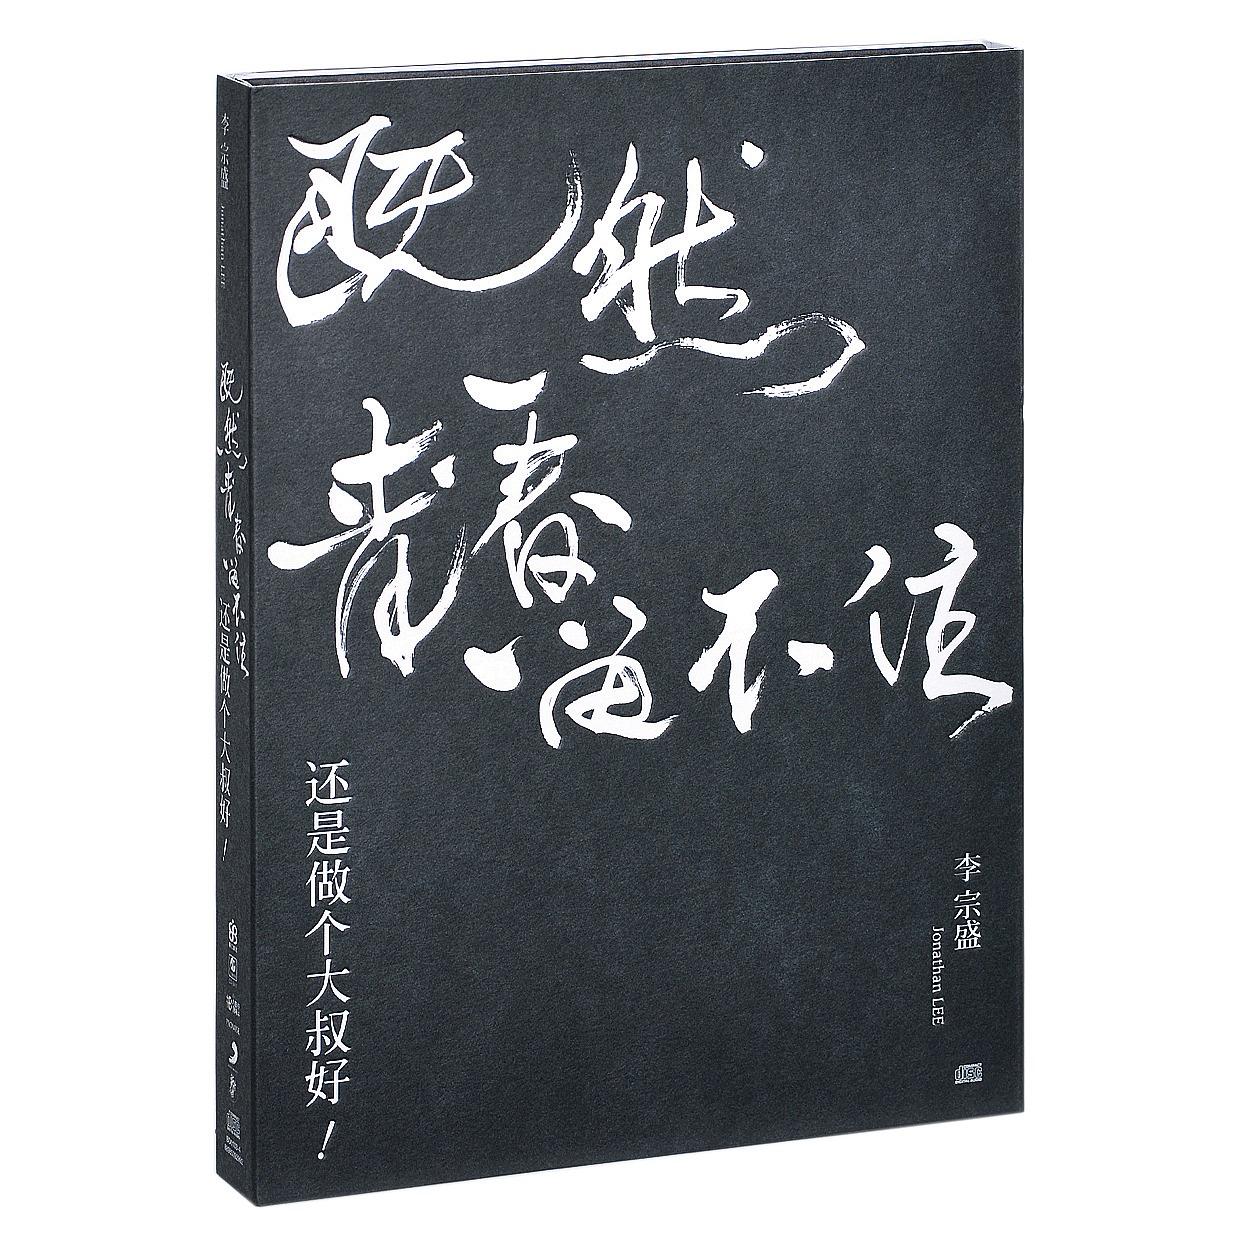 【新索】李宗盛:既然青春留不住-还是做个大叔好 演唱会 2CD